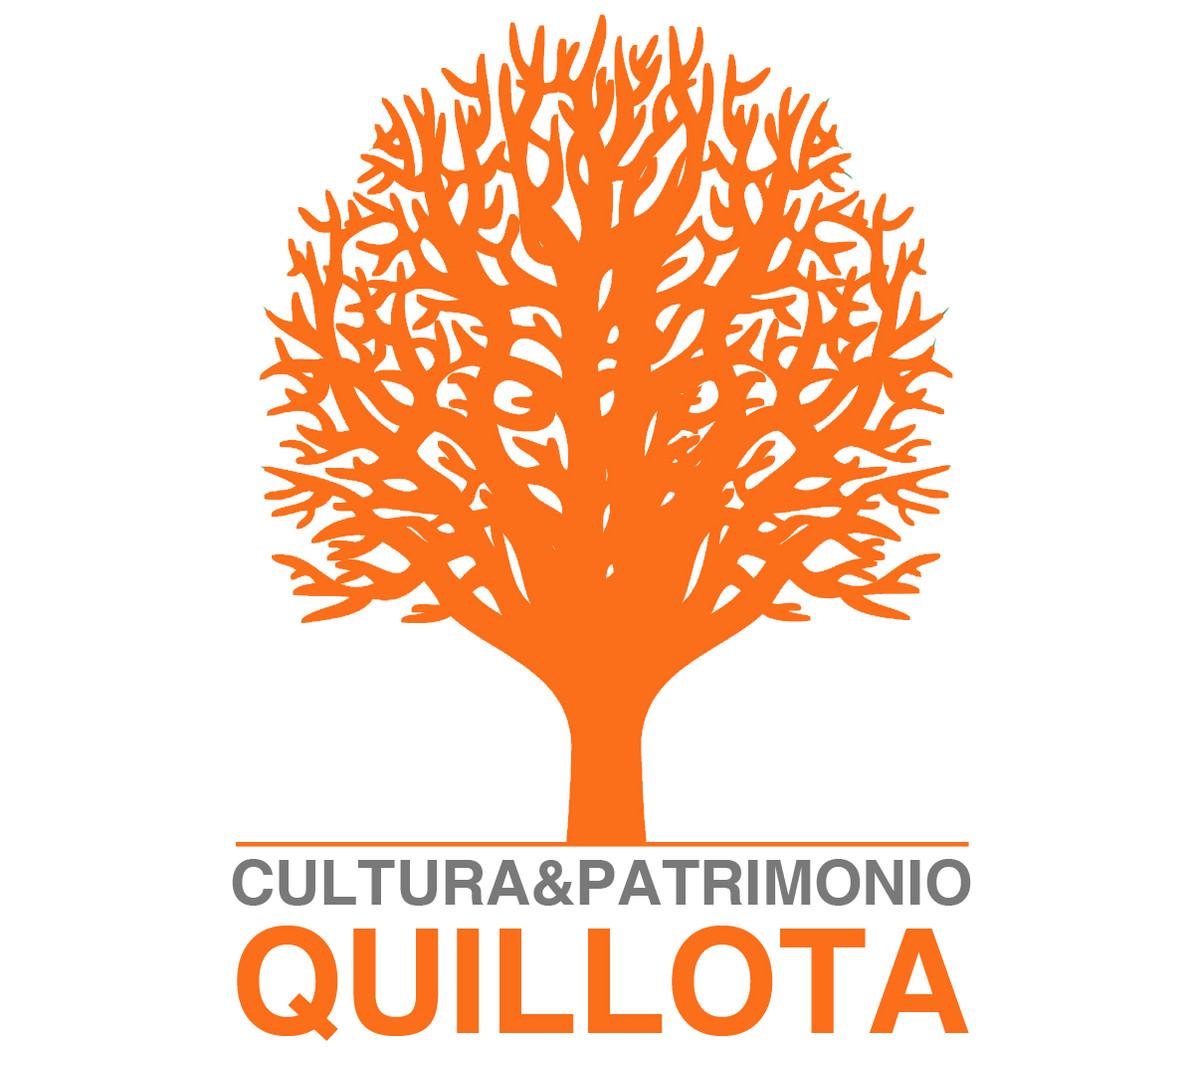 Cultura y Patrimonio Quillota.